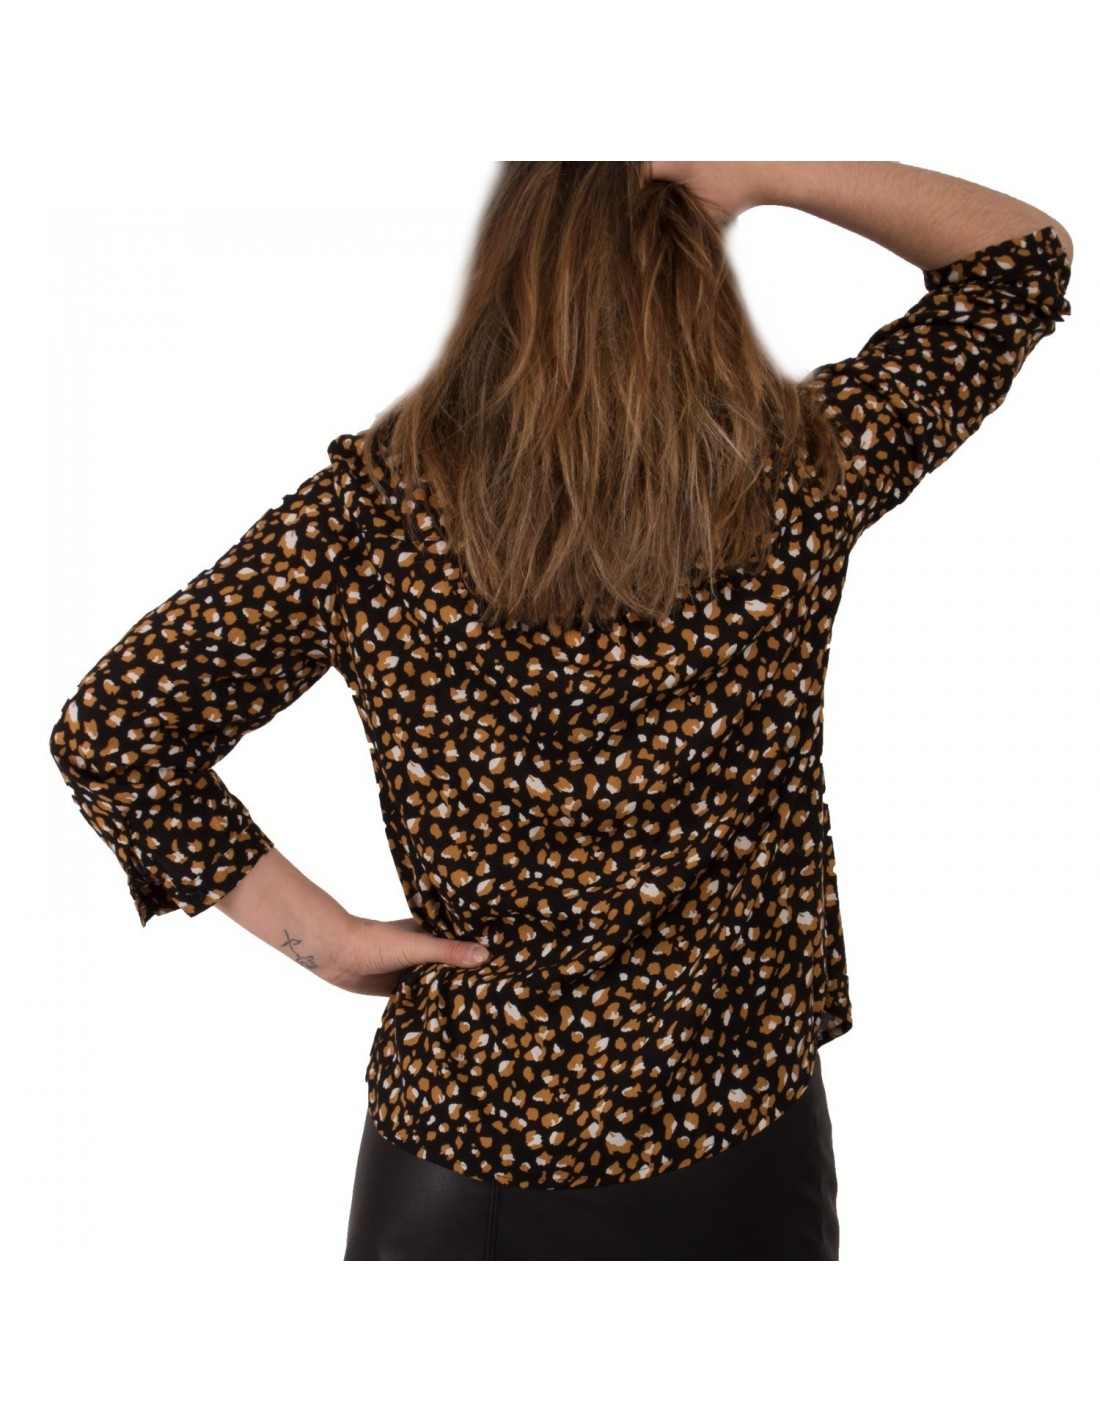 acheter populaire 24fcc 43cbe Chemisier femme motif léopard noir effet tacheté moutarde